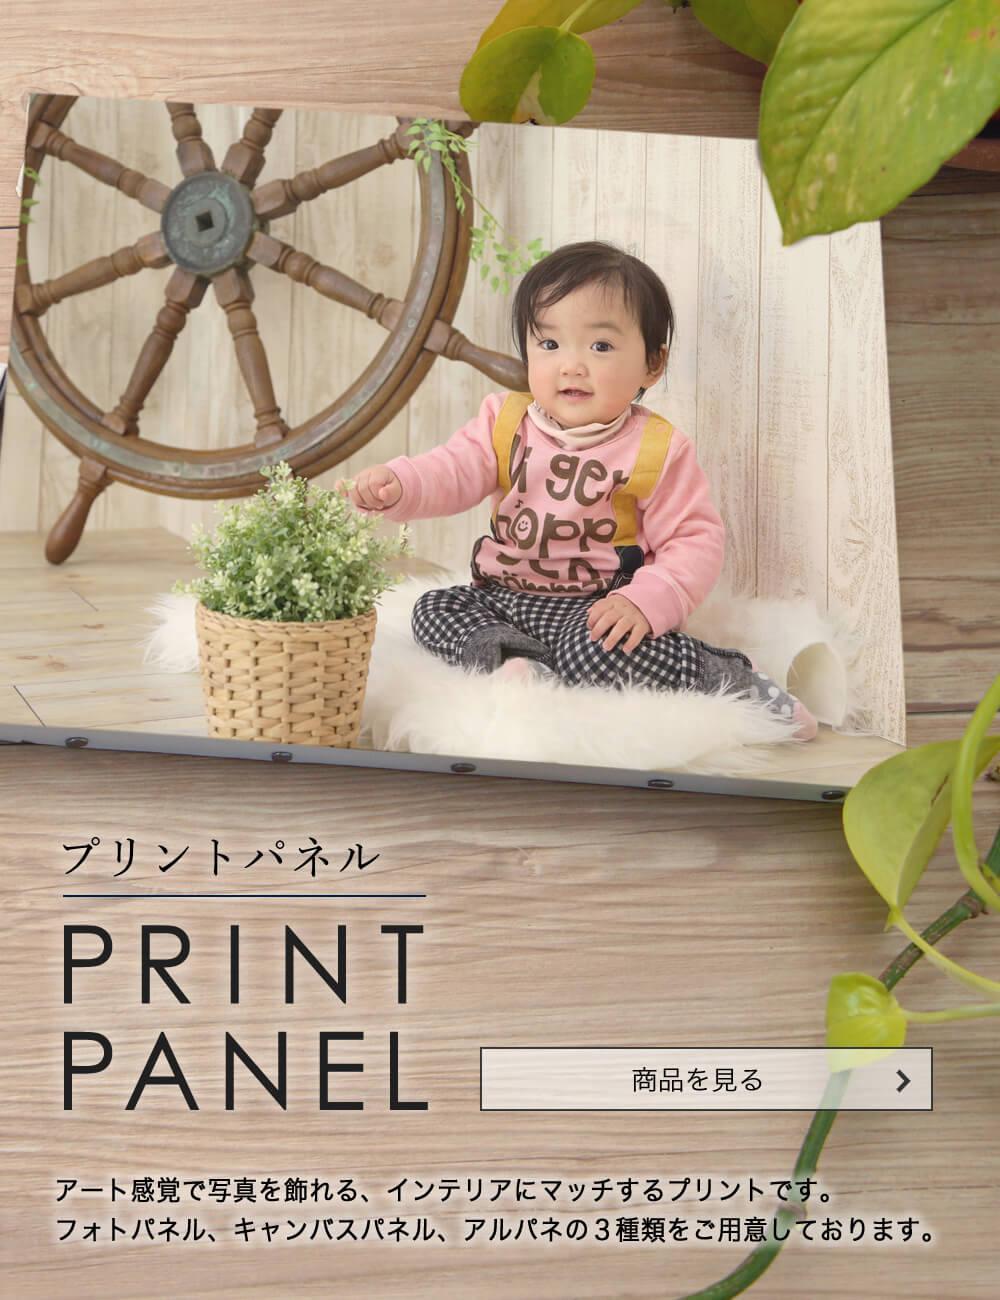 プリントパネル アート感覚で写真を飾れる、インテリアにマッチするプリントです。フォトパネル、キャンバスパネル、アルパネの3種類をご用意しております。